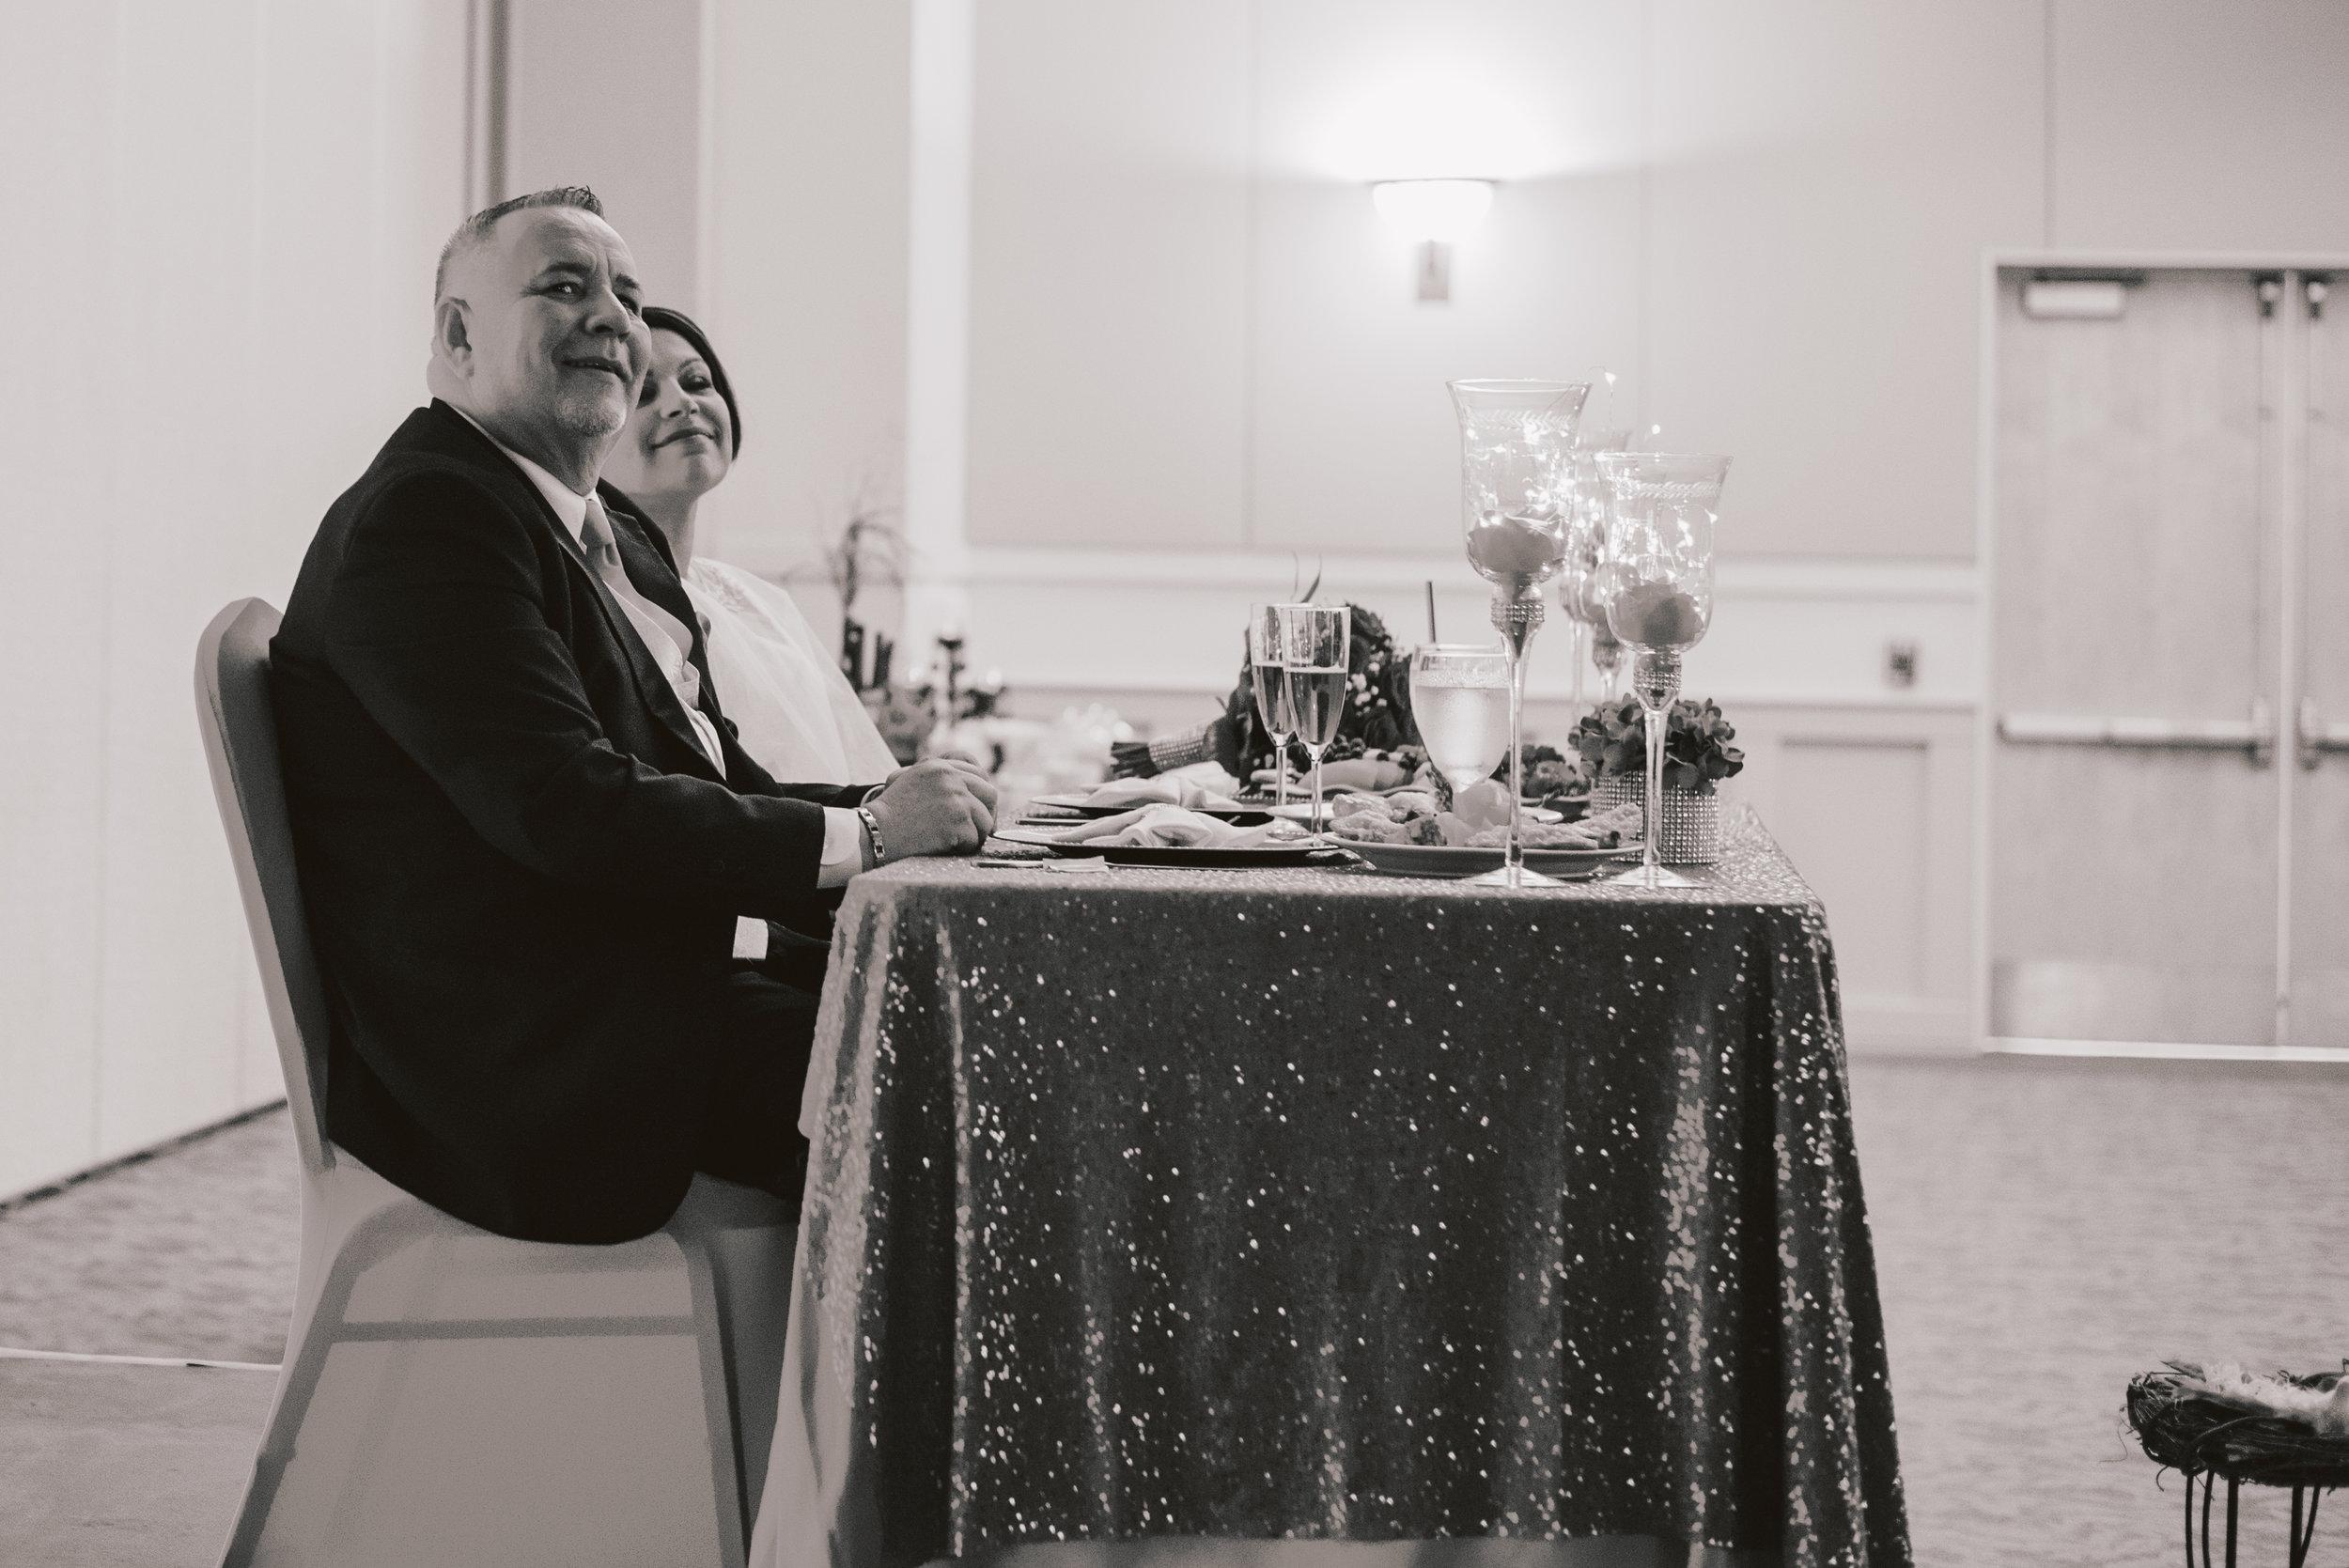 Los-Vargas-Photo-Wedding-Vow-Renewal-Central-Florida-206.jpg